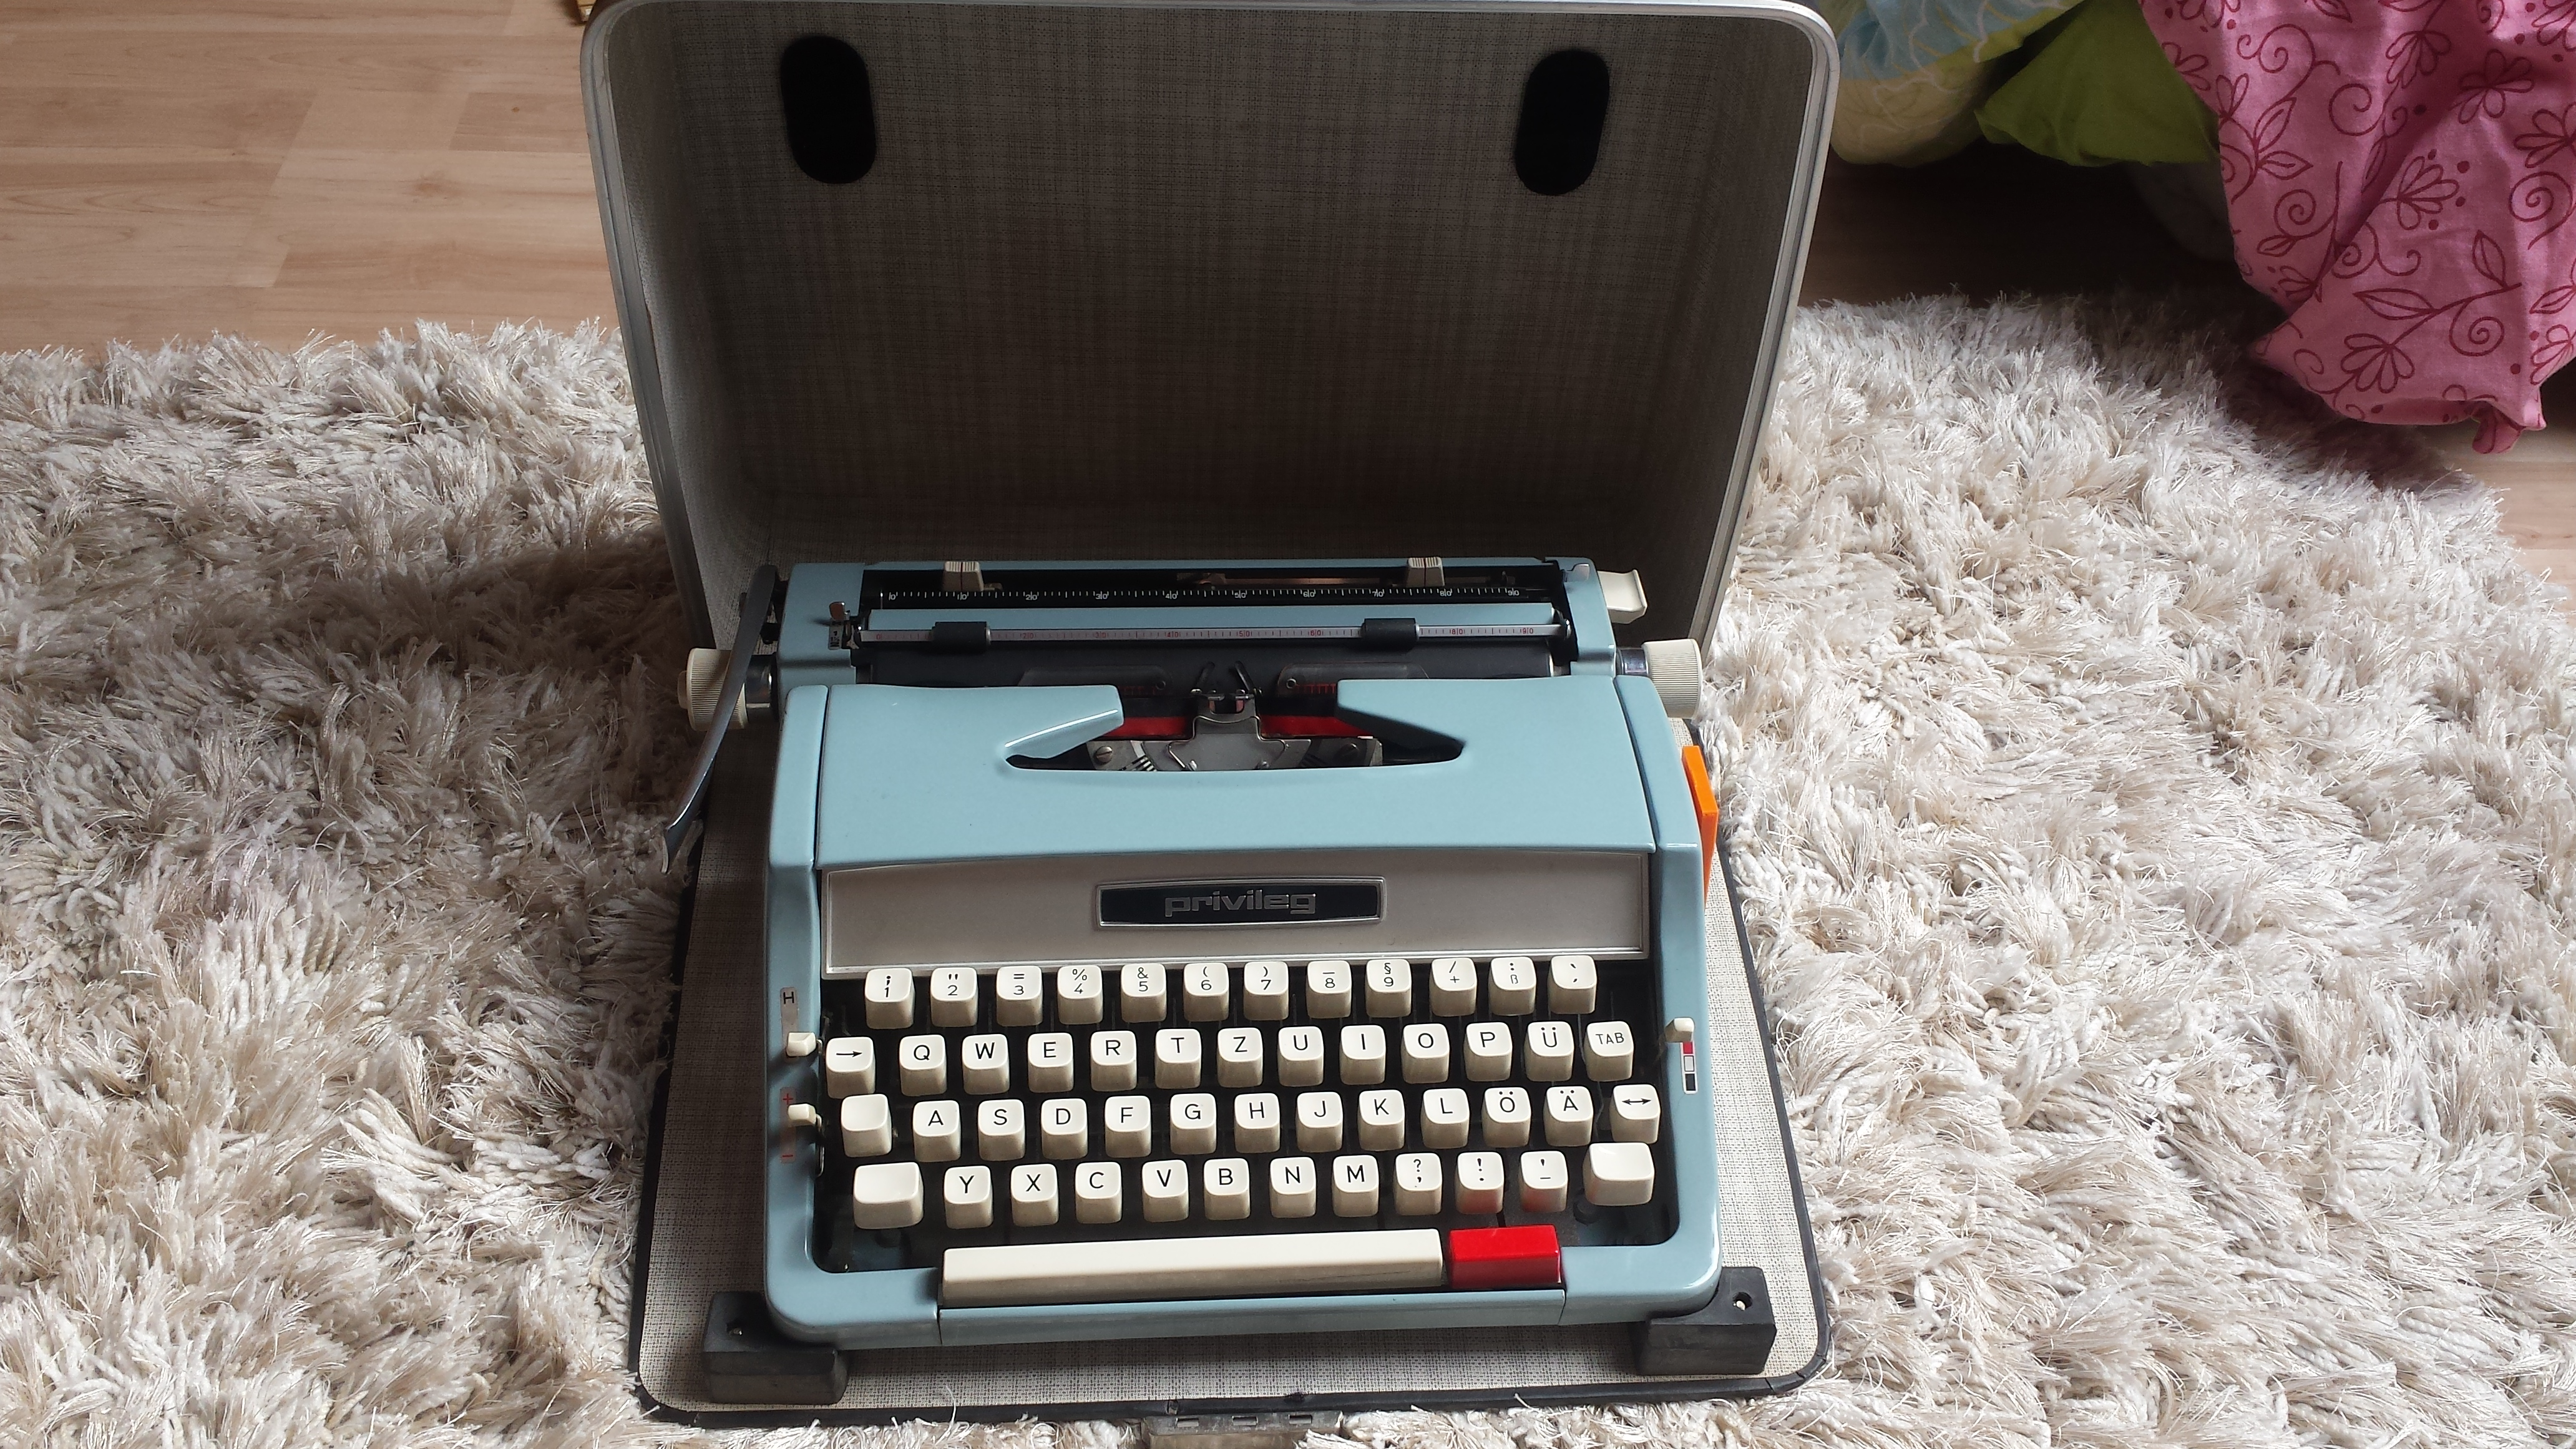 Schreibmaschinenexperten - Welches Modell ist das und ...